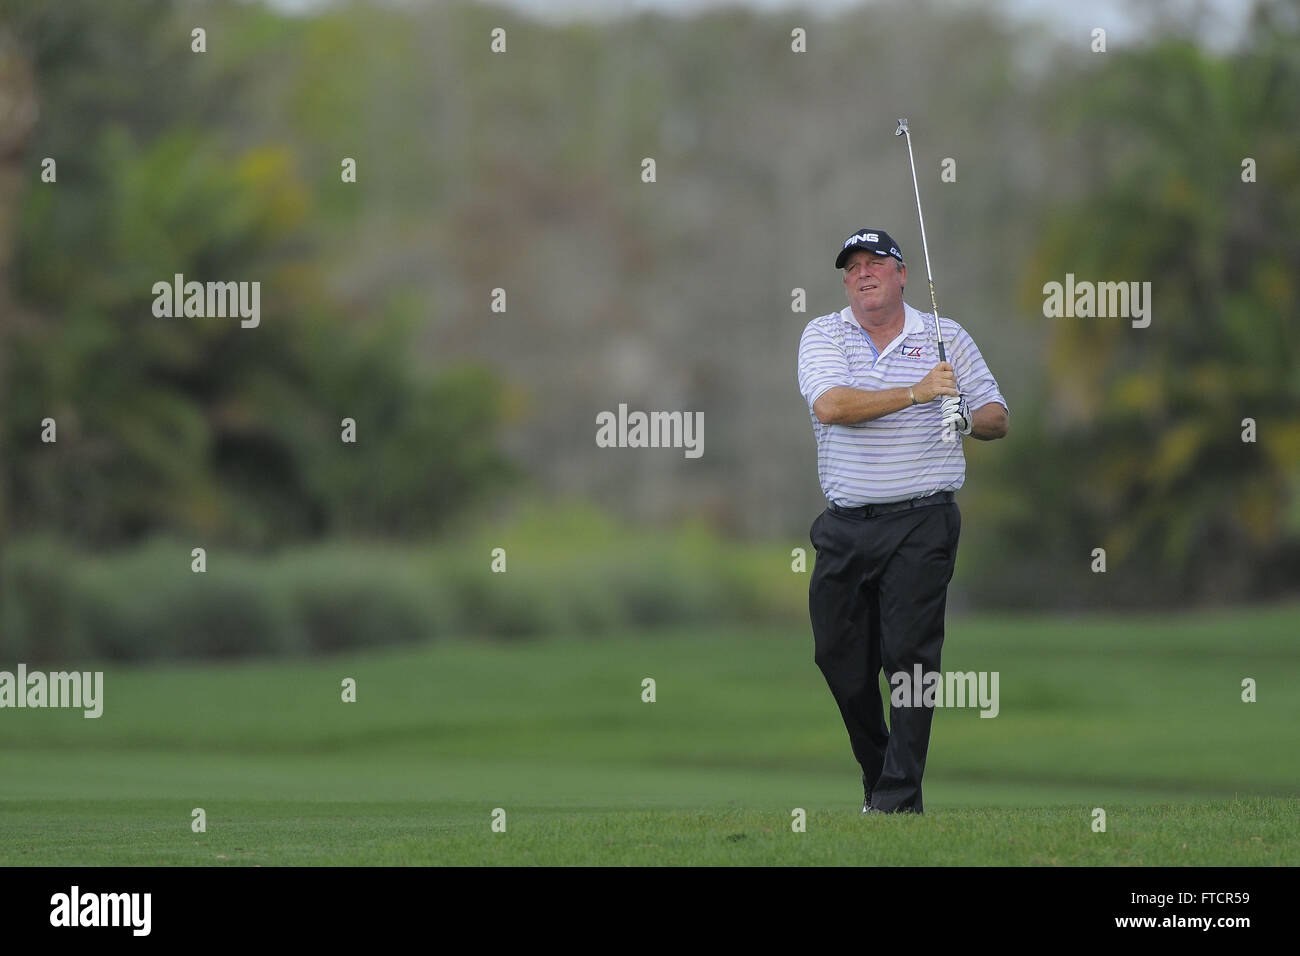 Palm Beach Gardens, Fla, USA. 2nd Mar, 2012. Mark Calcavecchia ...